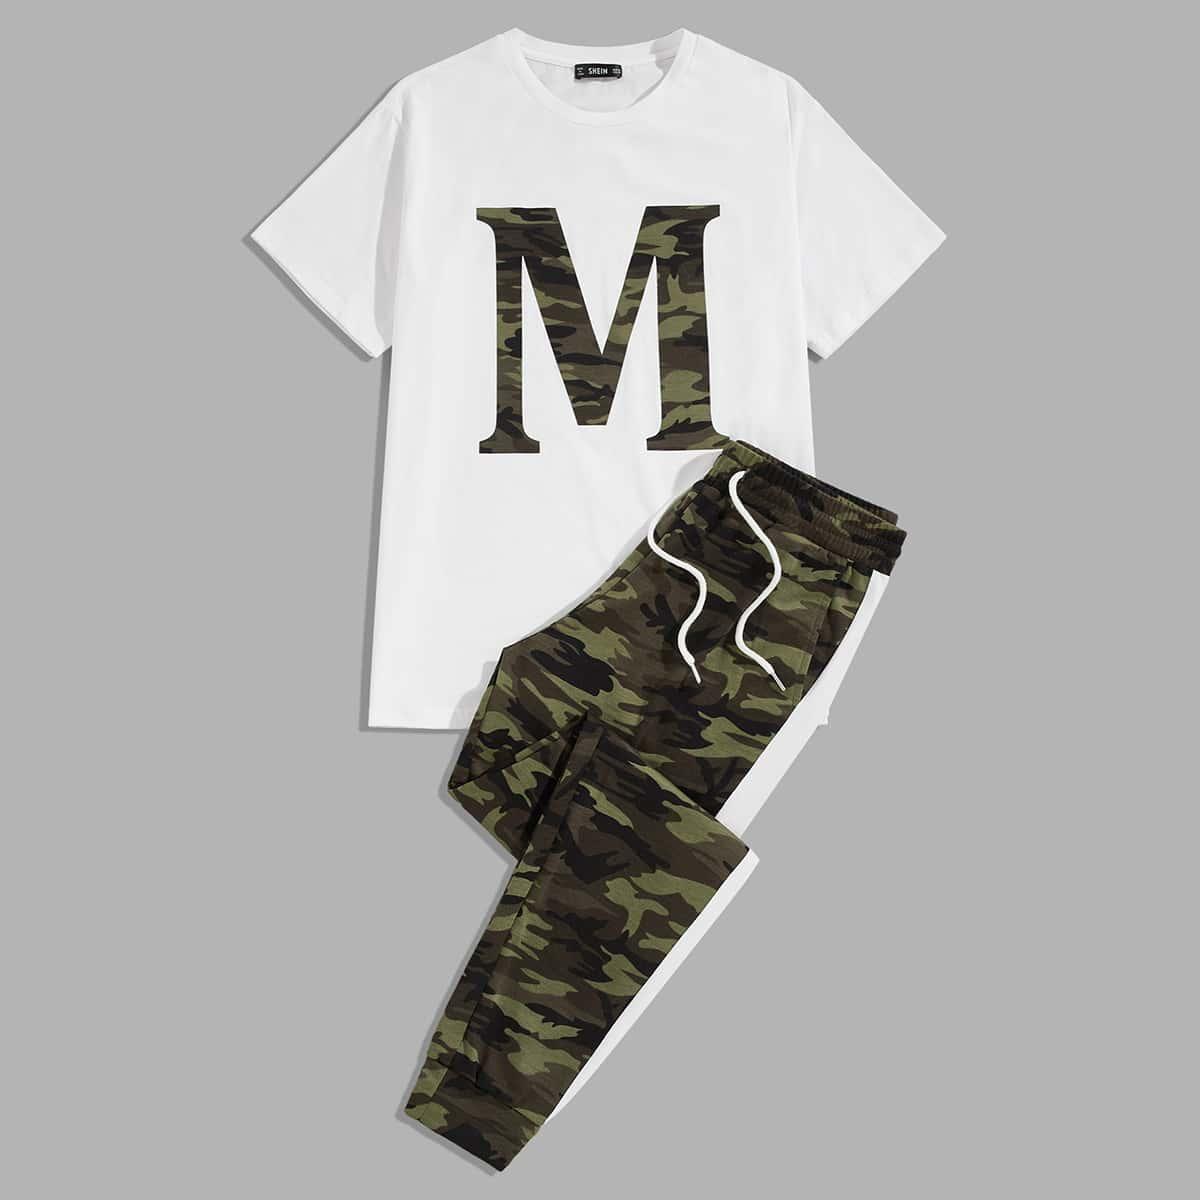 Мужской топ с текстовым принтом и камуфляжные спортивные брюки от SHEIN